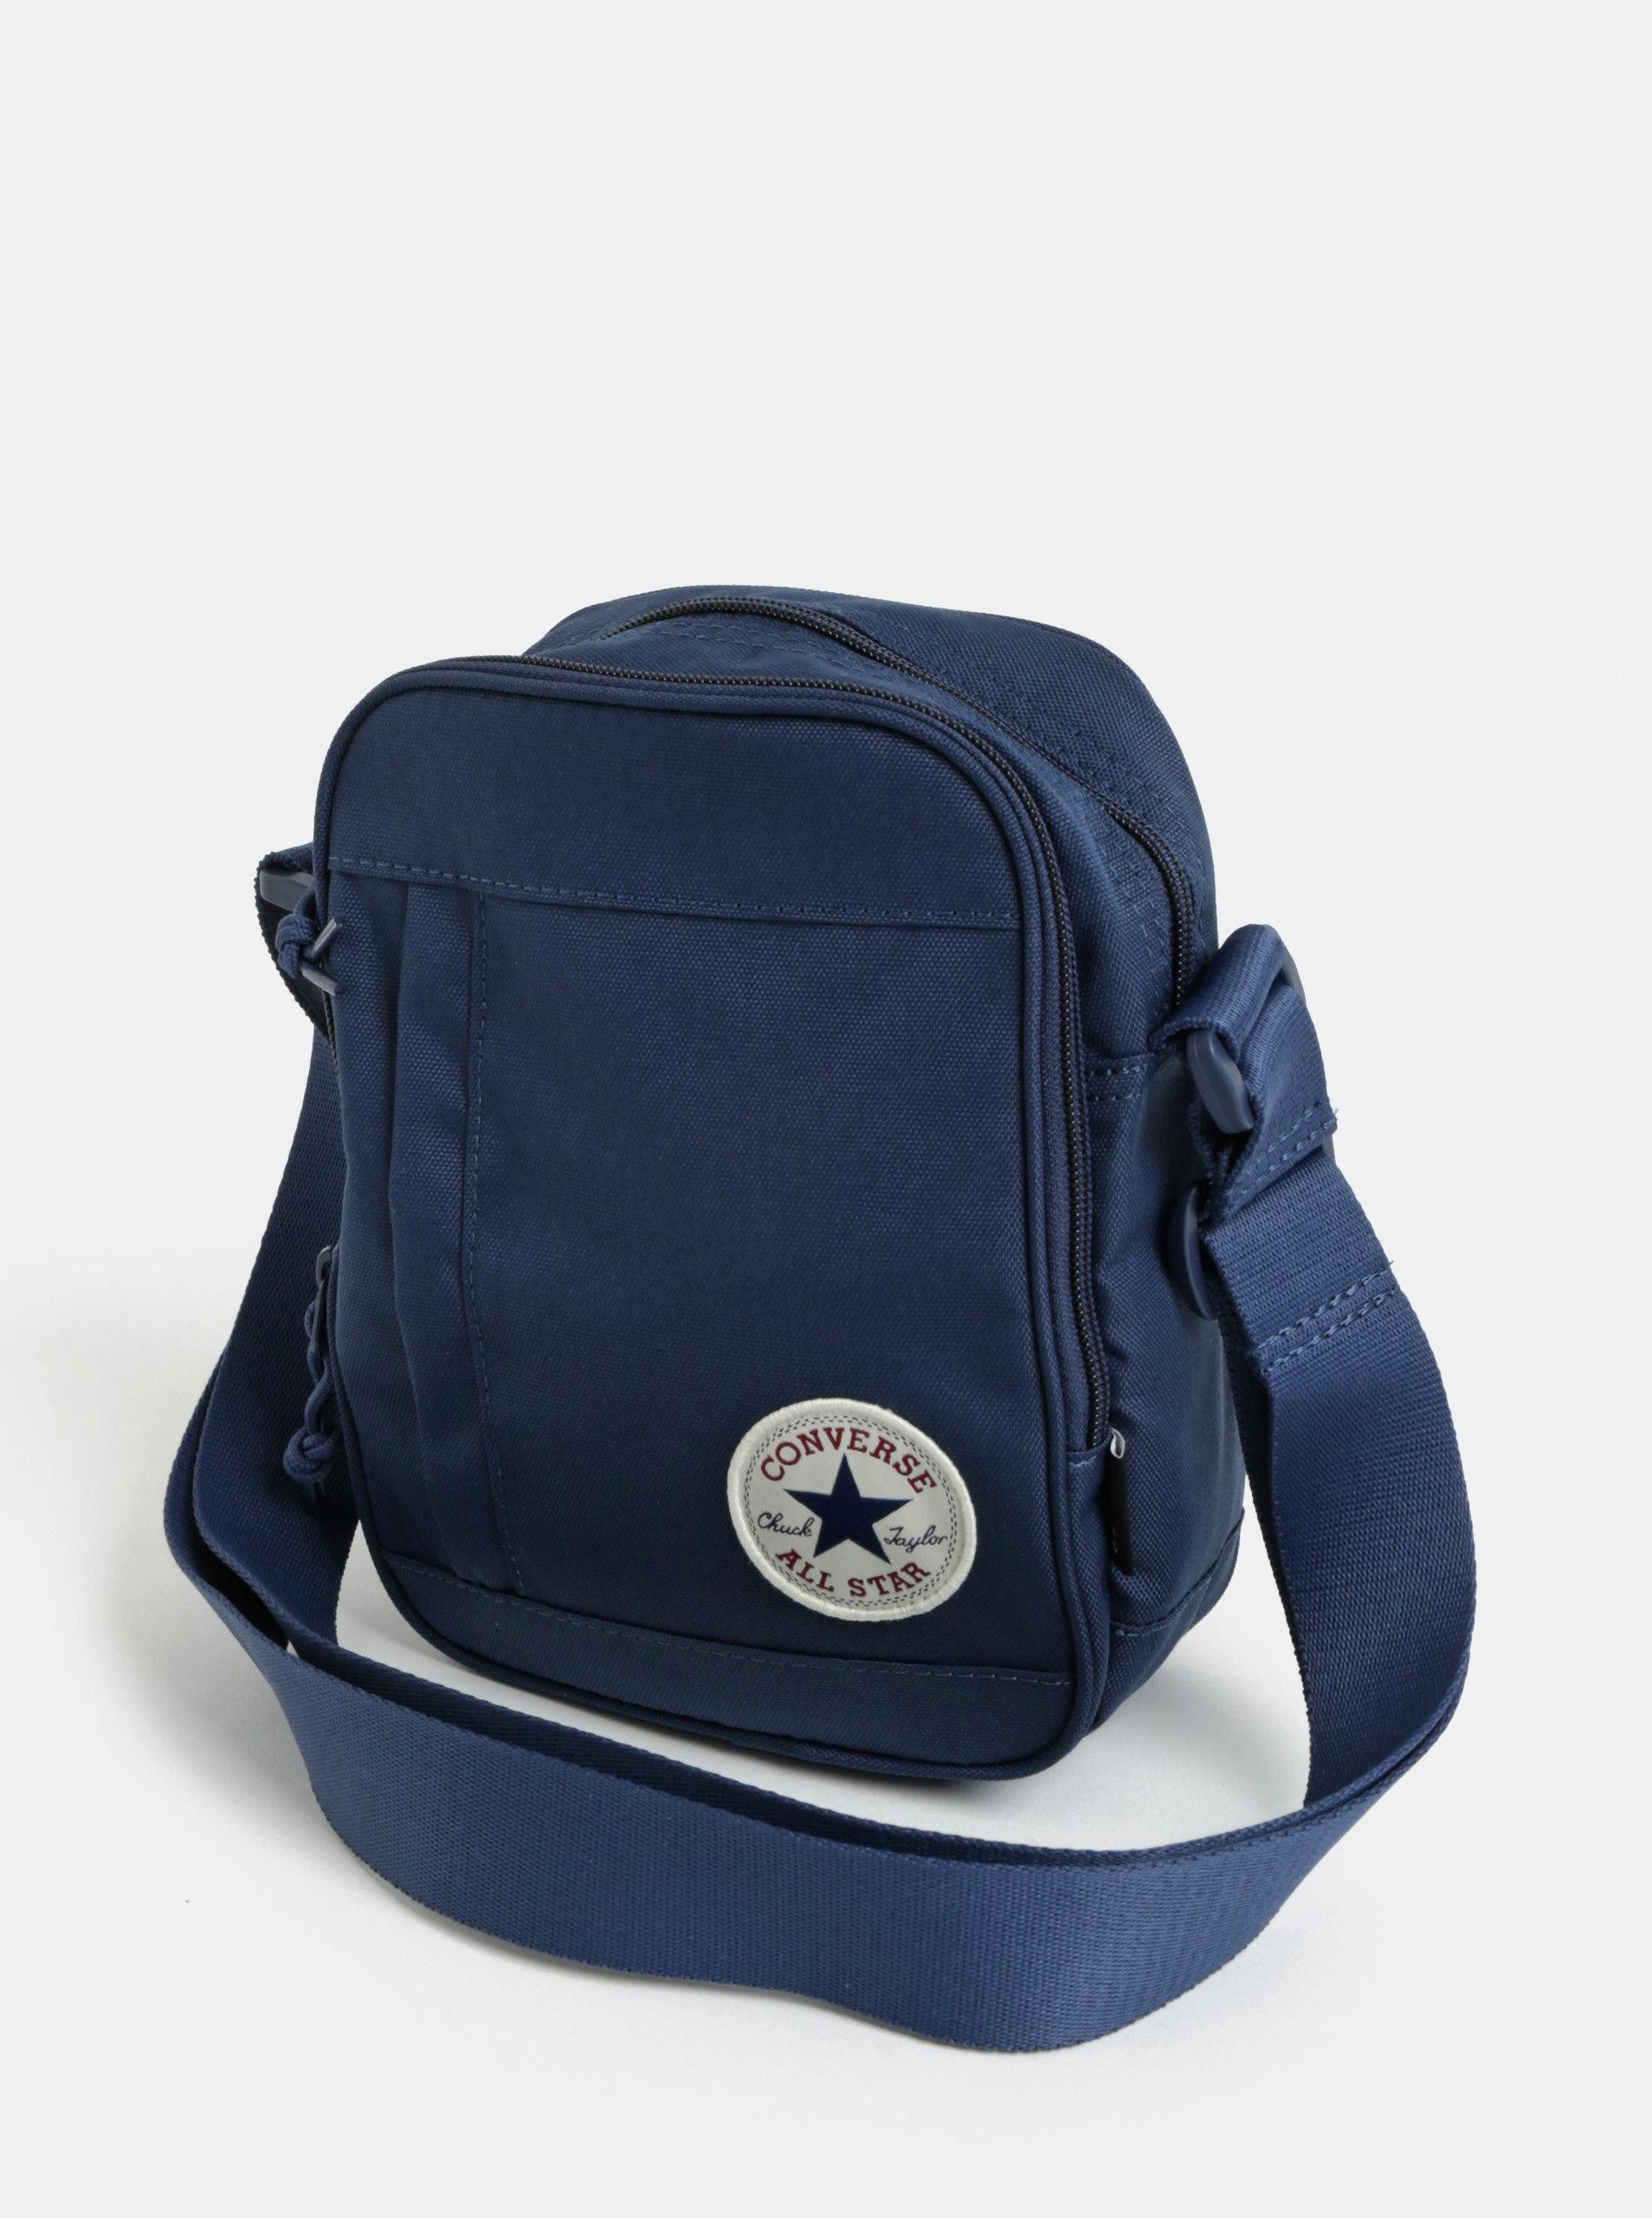 6153525e41 Tmavě modrá malá crossbody taška Converse Poly Cross Body ...